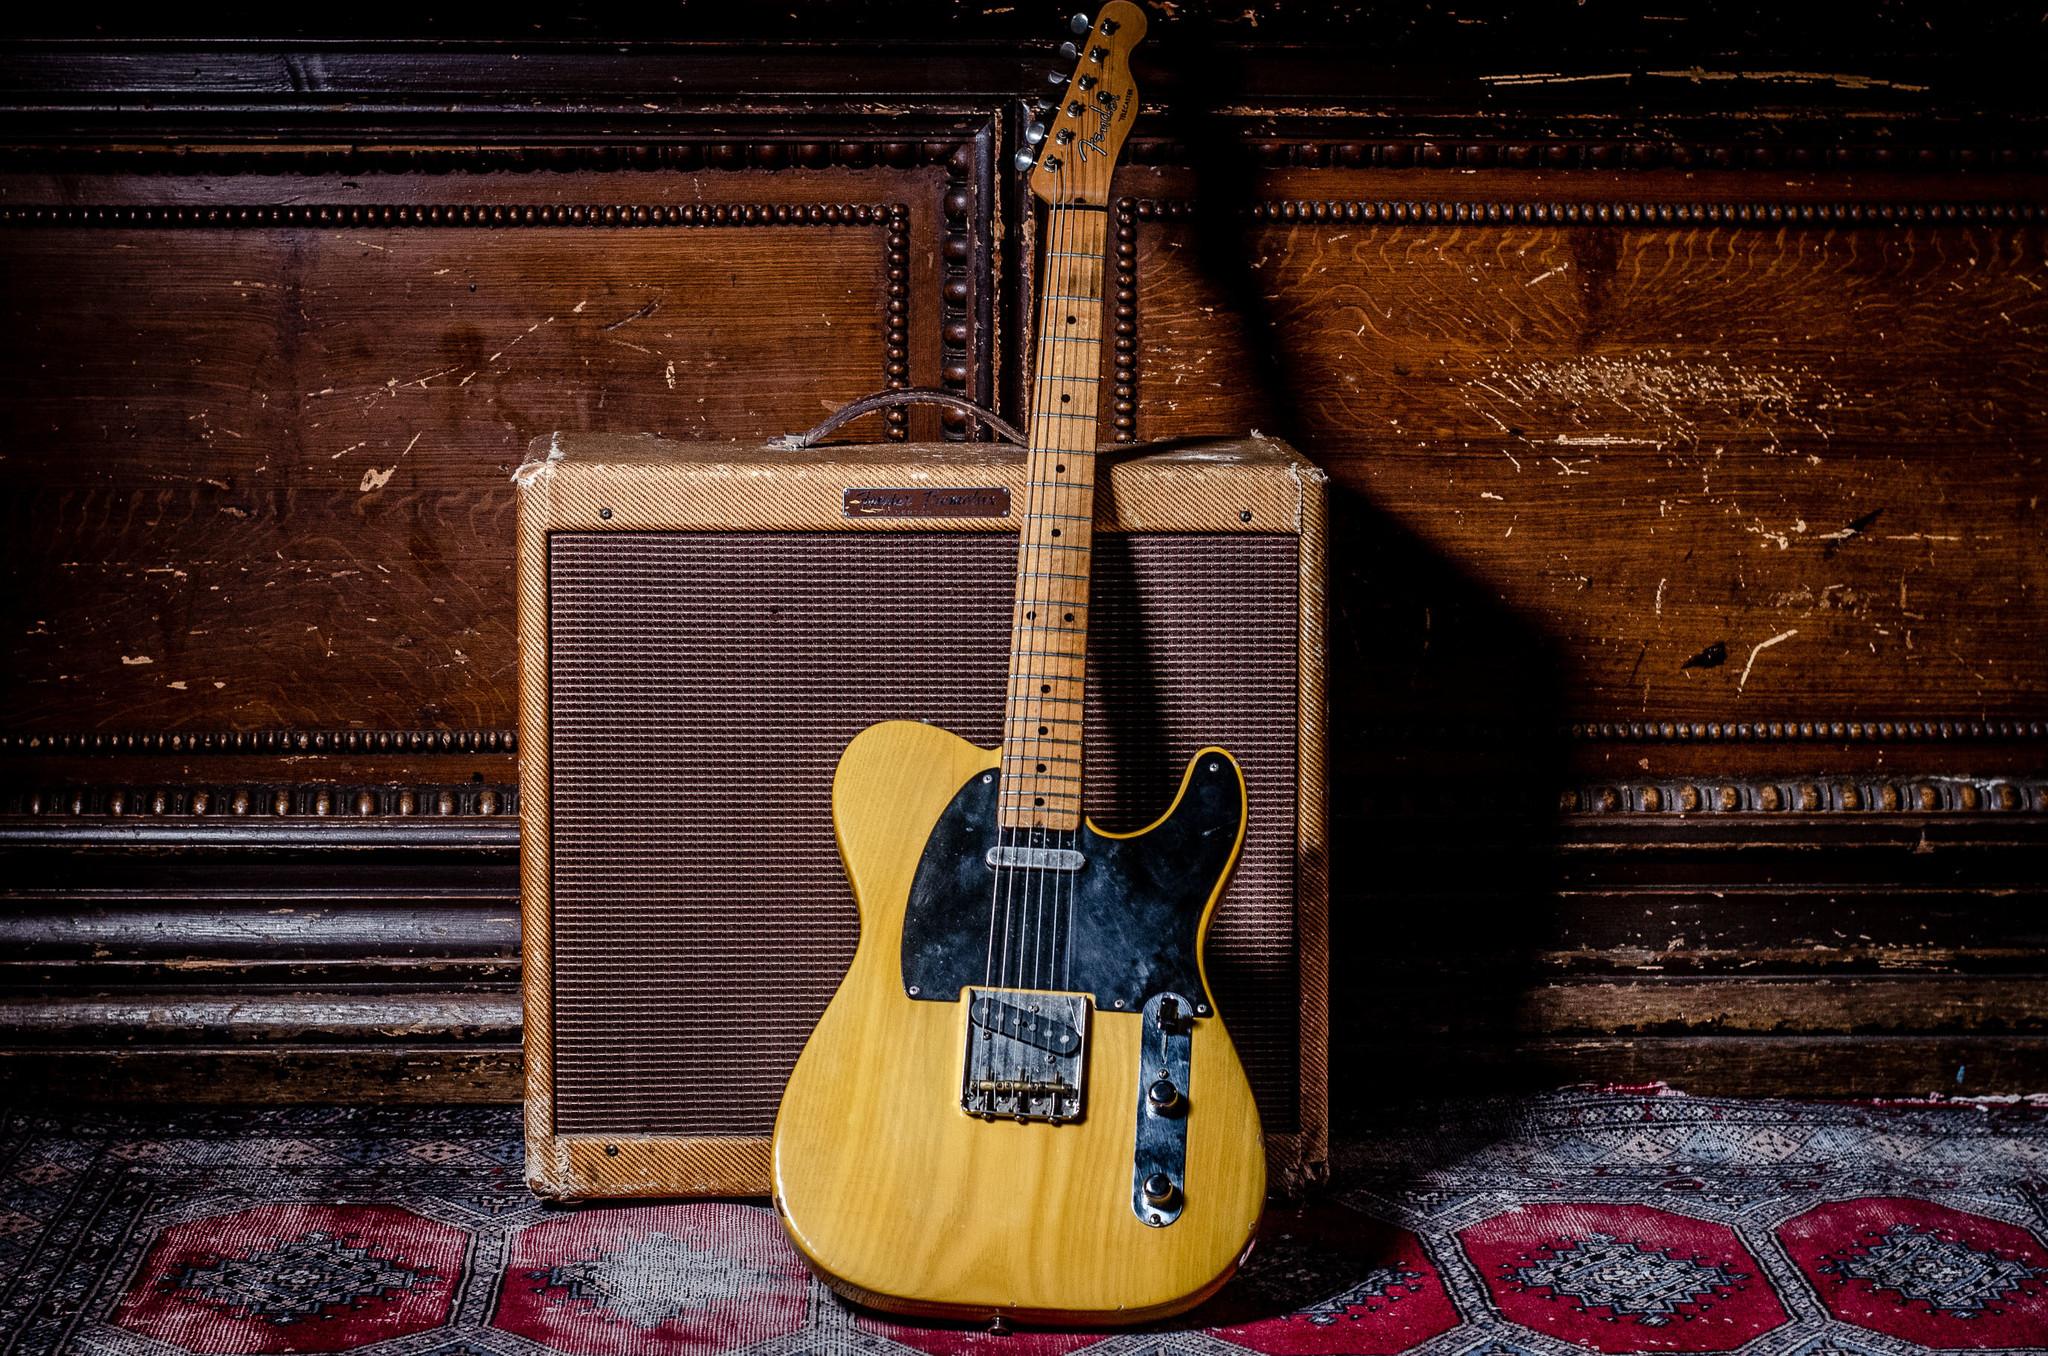 De Fender Telecaster: Van Boot Peddel naar  Must-Have Gitaar